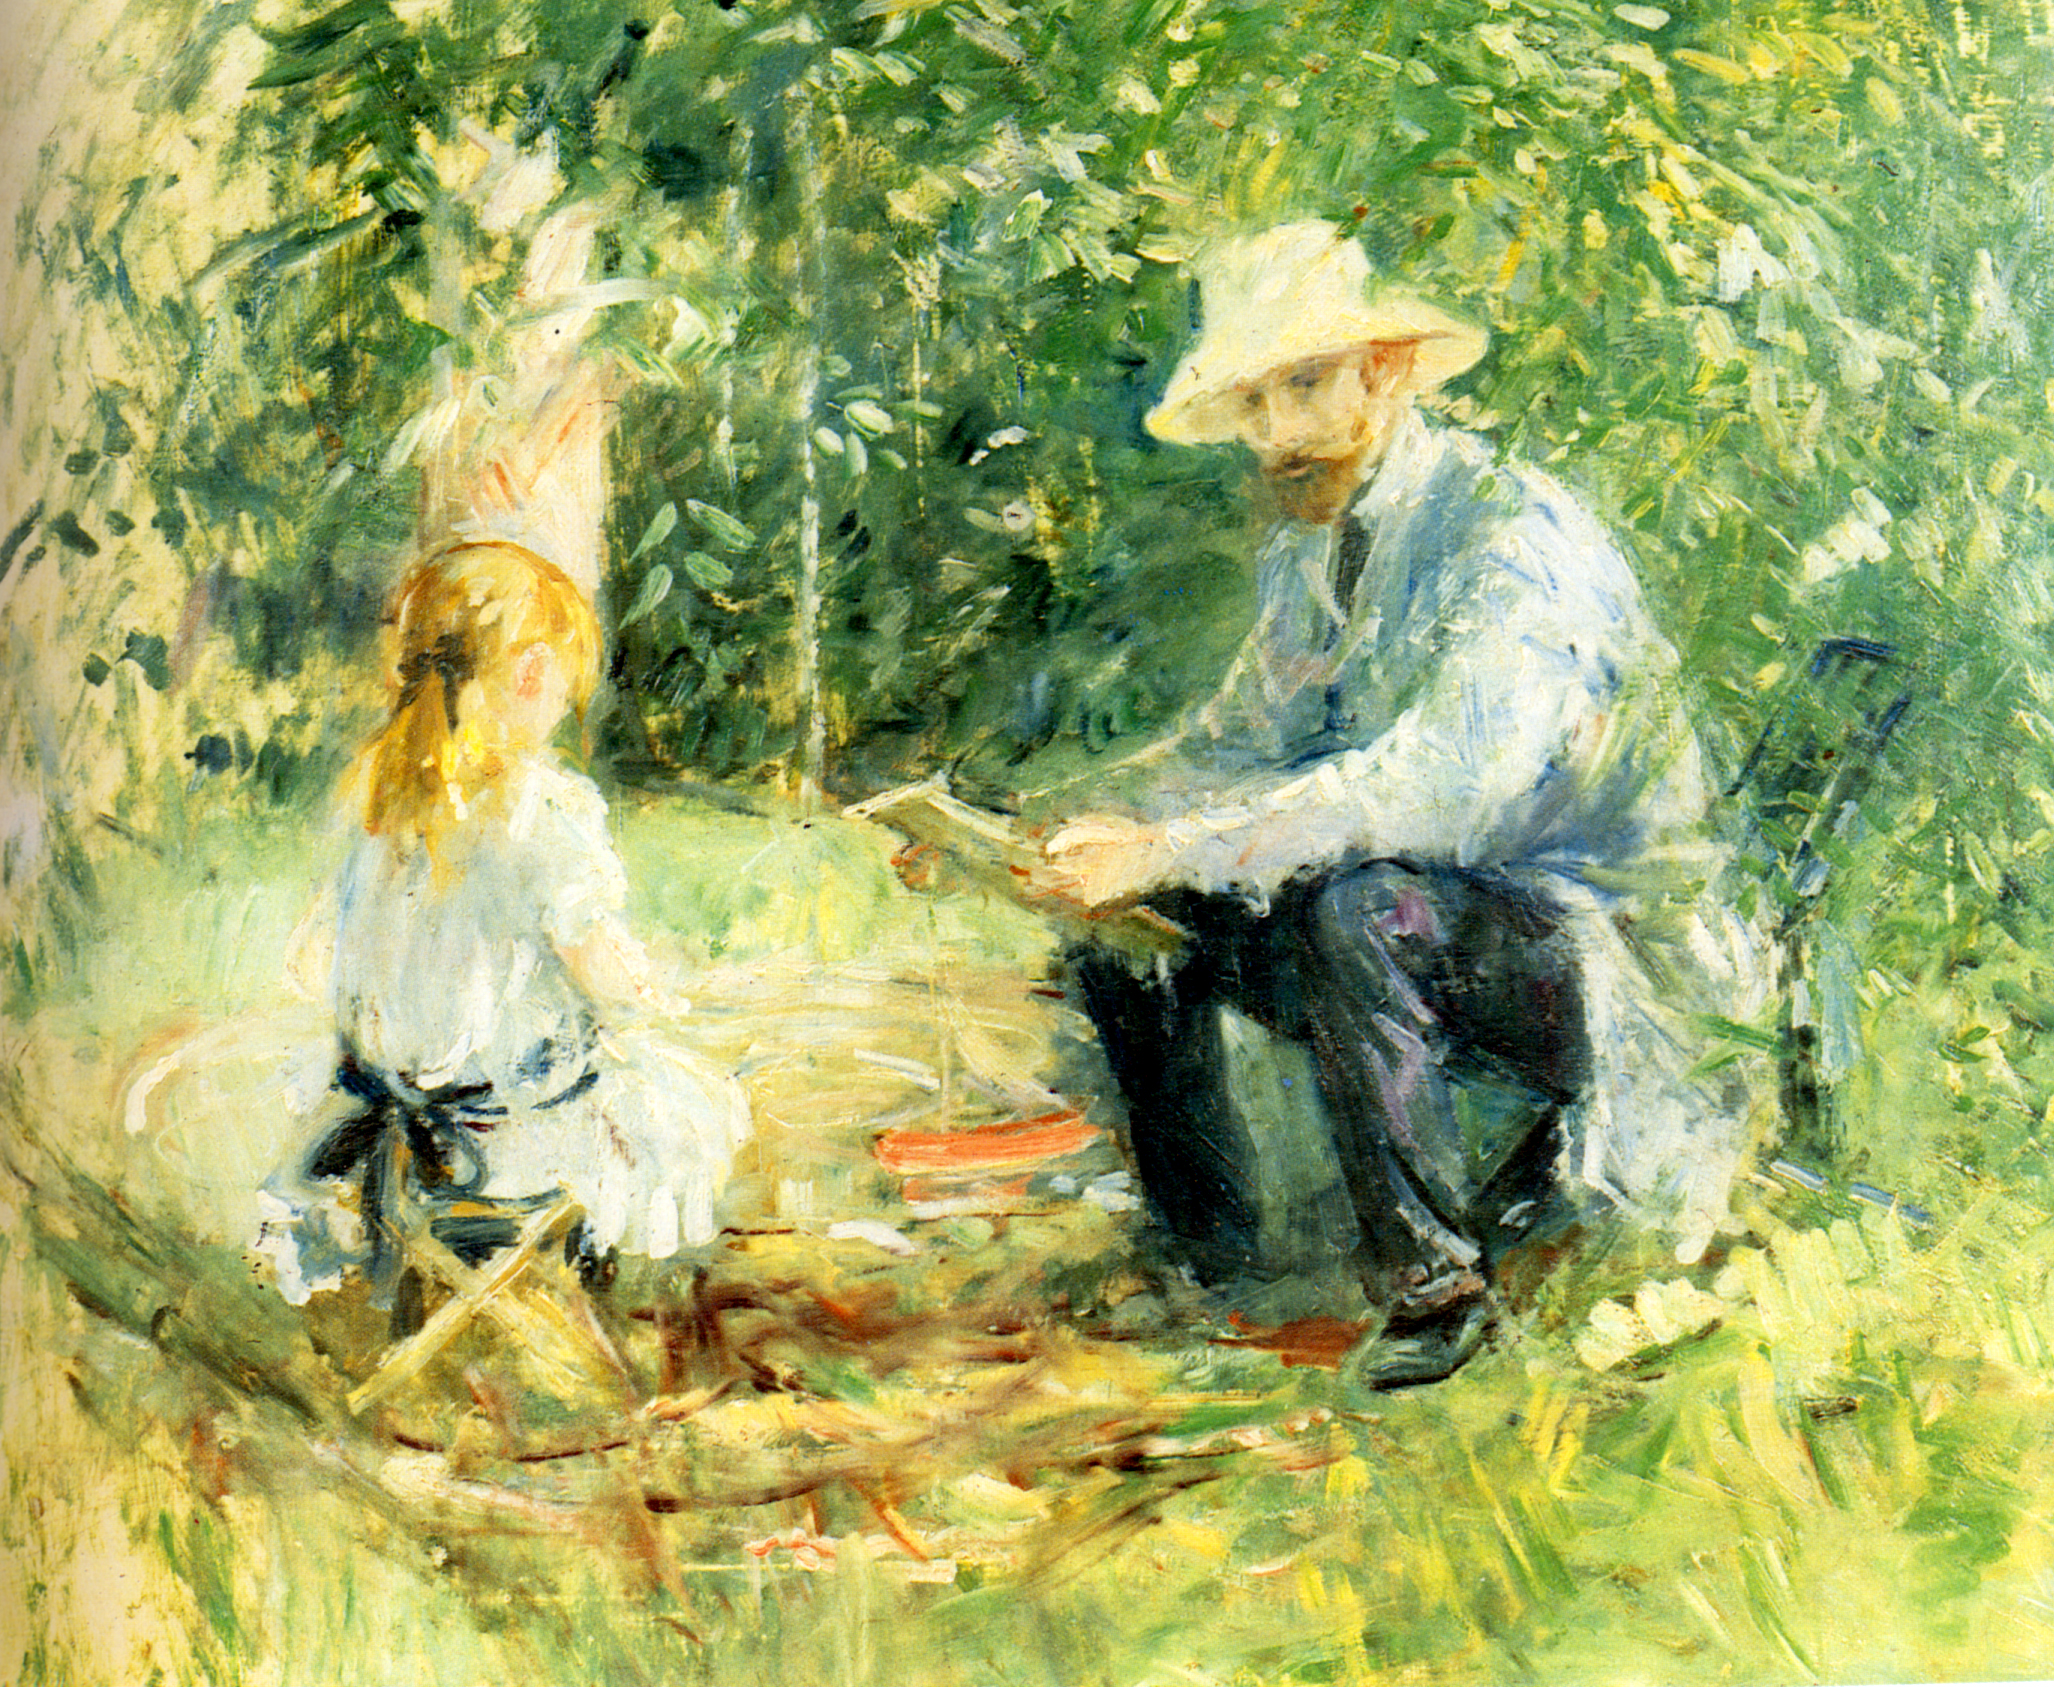 63 best Berthe Morisot images on Pinterest  Berthe